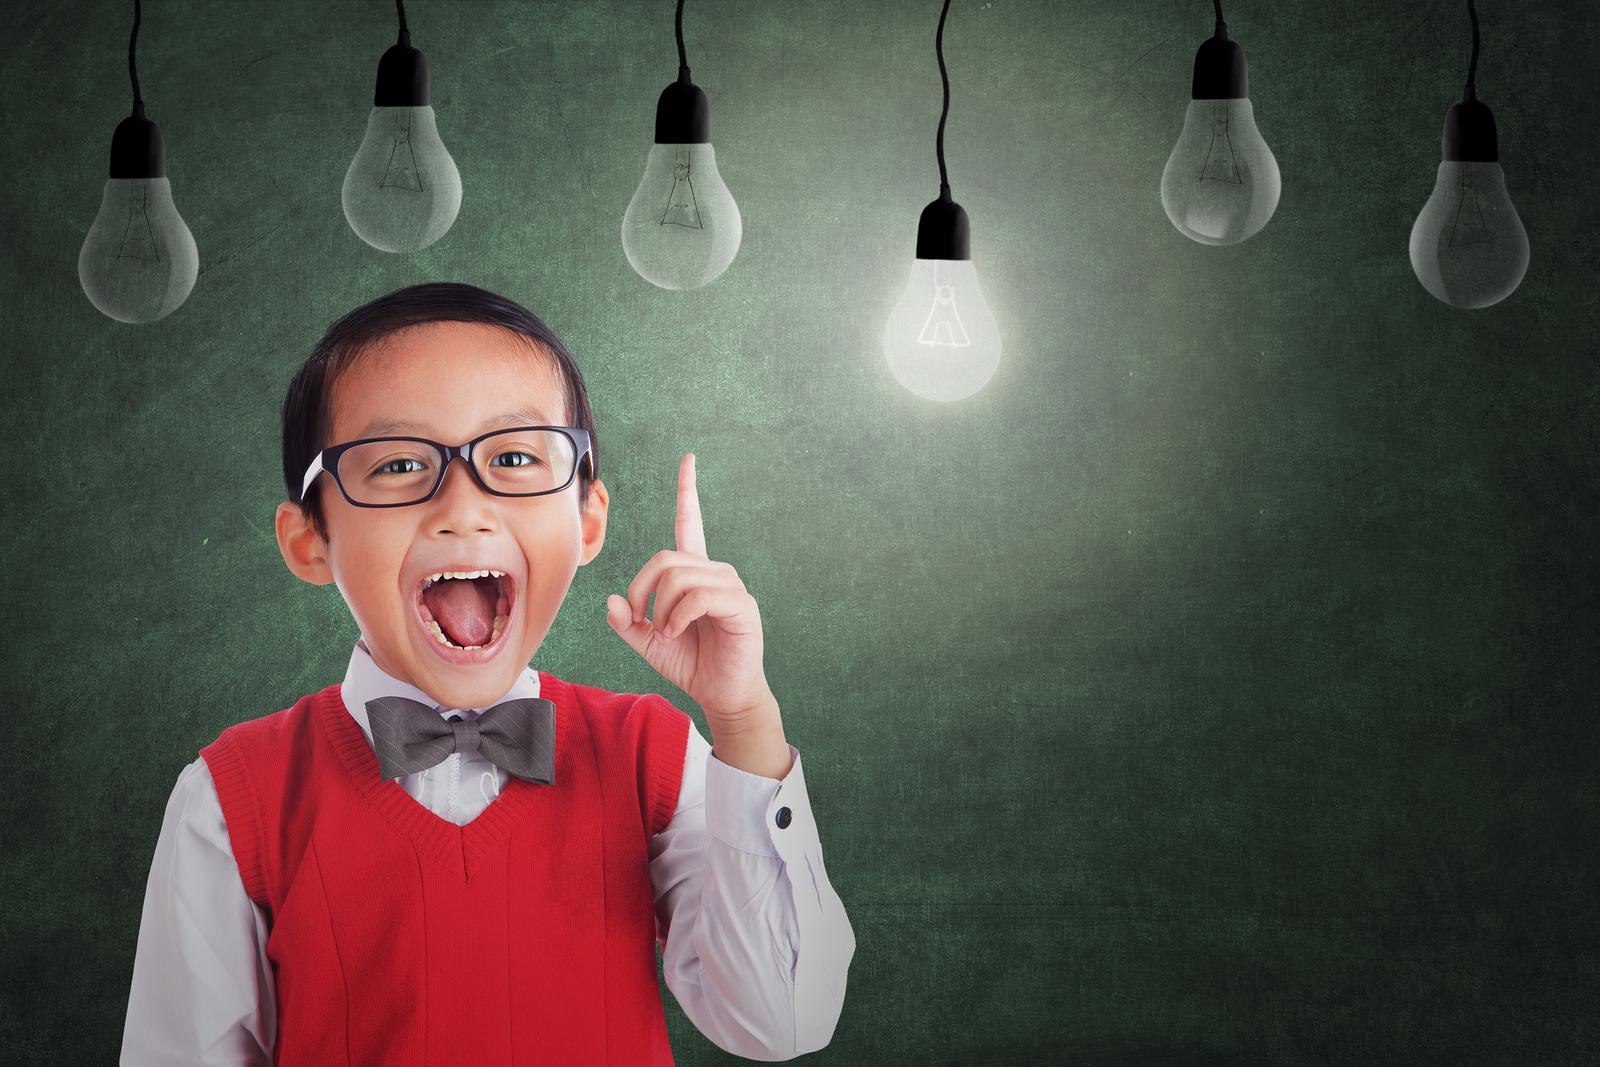 Asian student boy has an idea under light bulbs in class